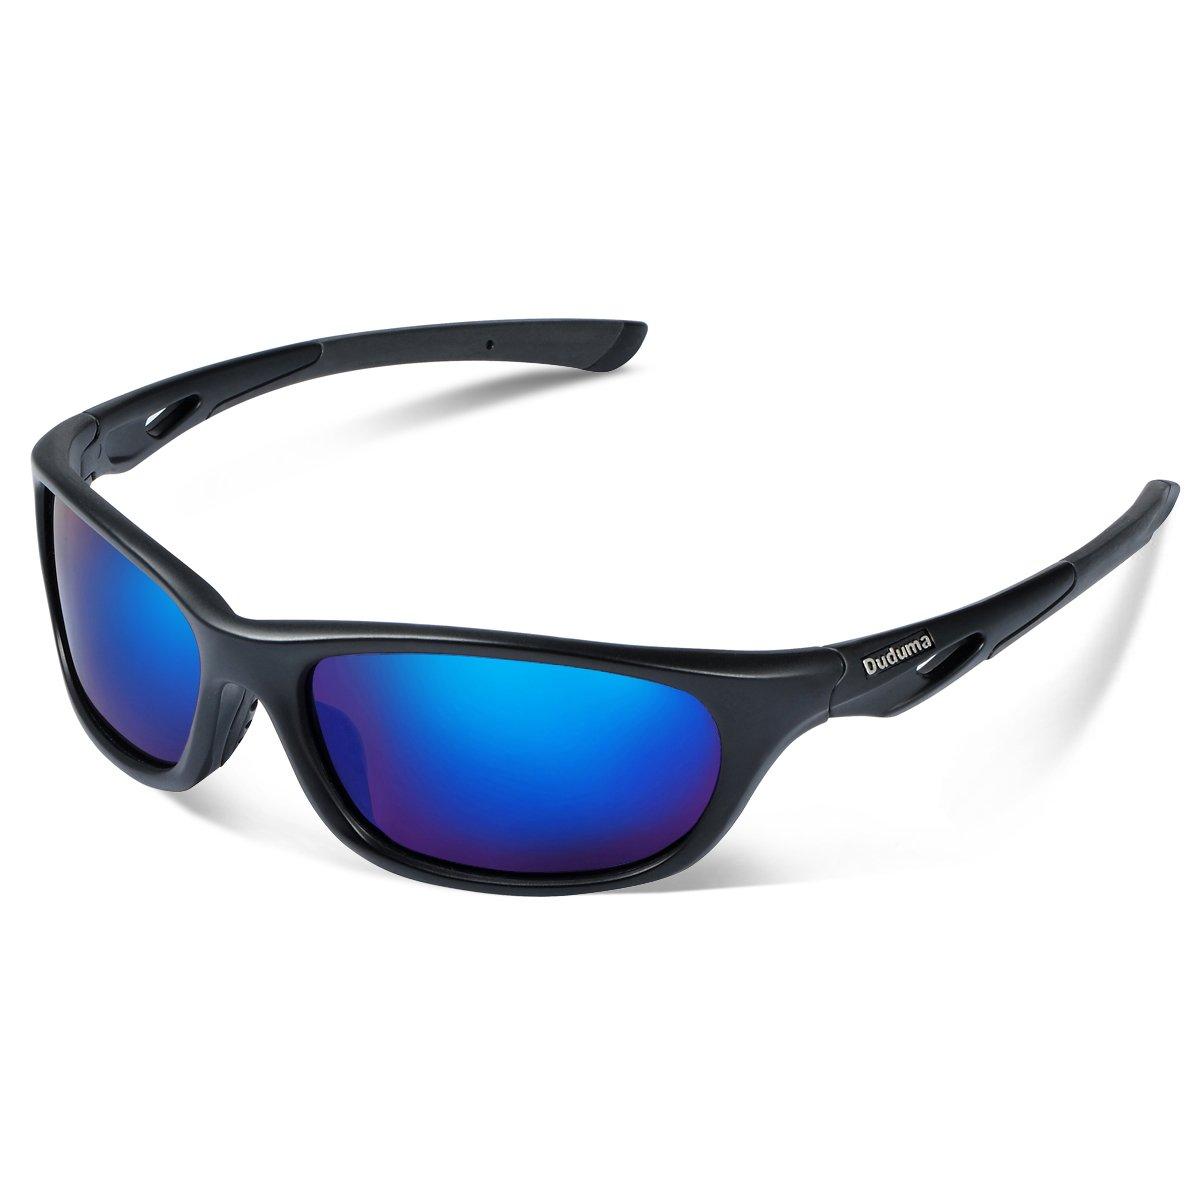 ラウンド  (ドゥドゥマ) Duduma 偏光スポーツサングラス メンズ&レディース matte 野球 with、ランニング、サイクリング、釣り frame、運転、ゴルフに 割れないフレーム Du646 B01J1IDA7Q Black matte frame with blue lens Black matte frame with blue lens, フランス時計ピエールラニエ公式:855a71b1 --- ballyshannonshow.com